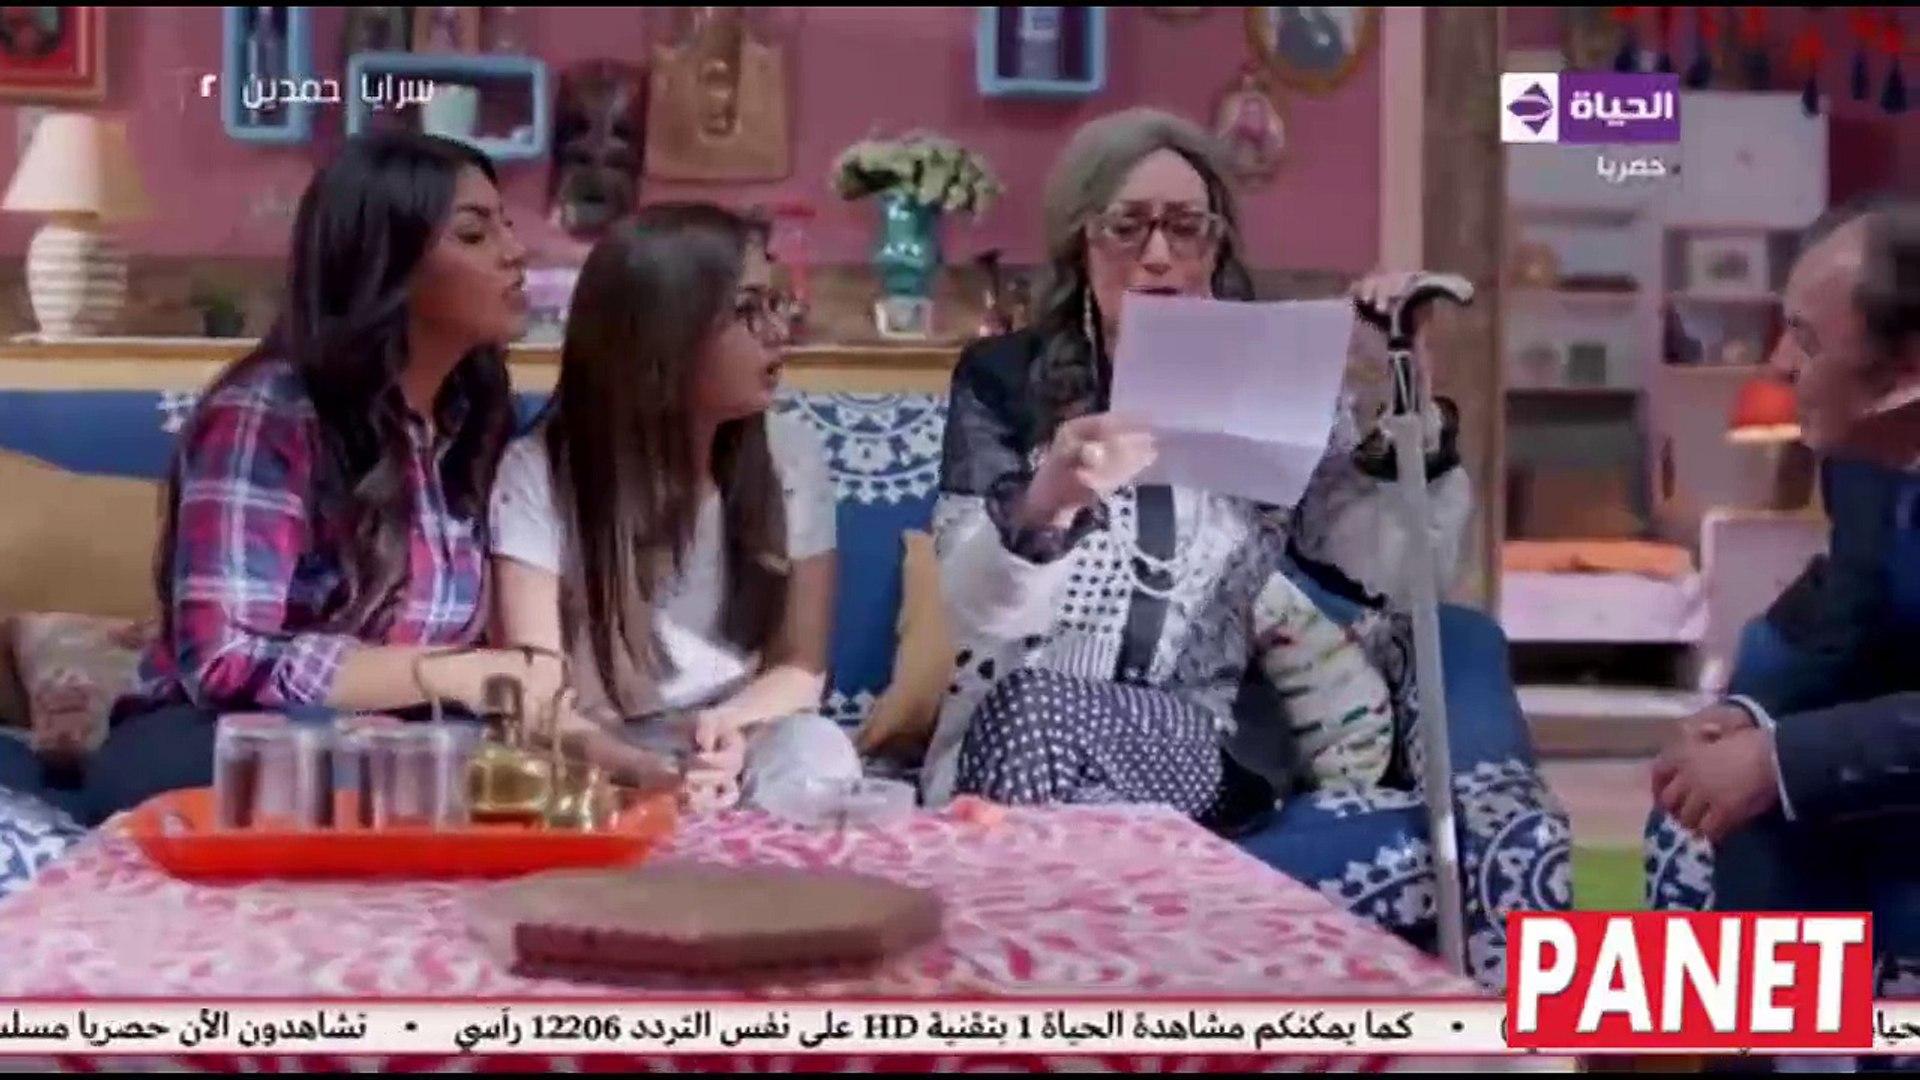 سرايا حمدين الحلقة 35